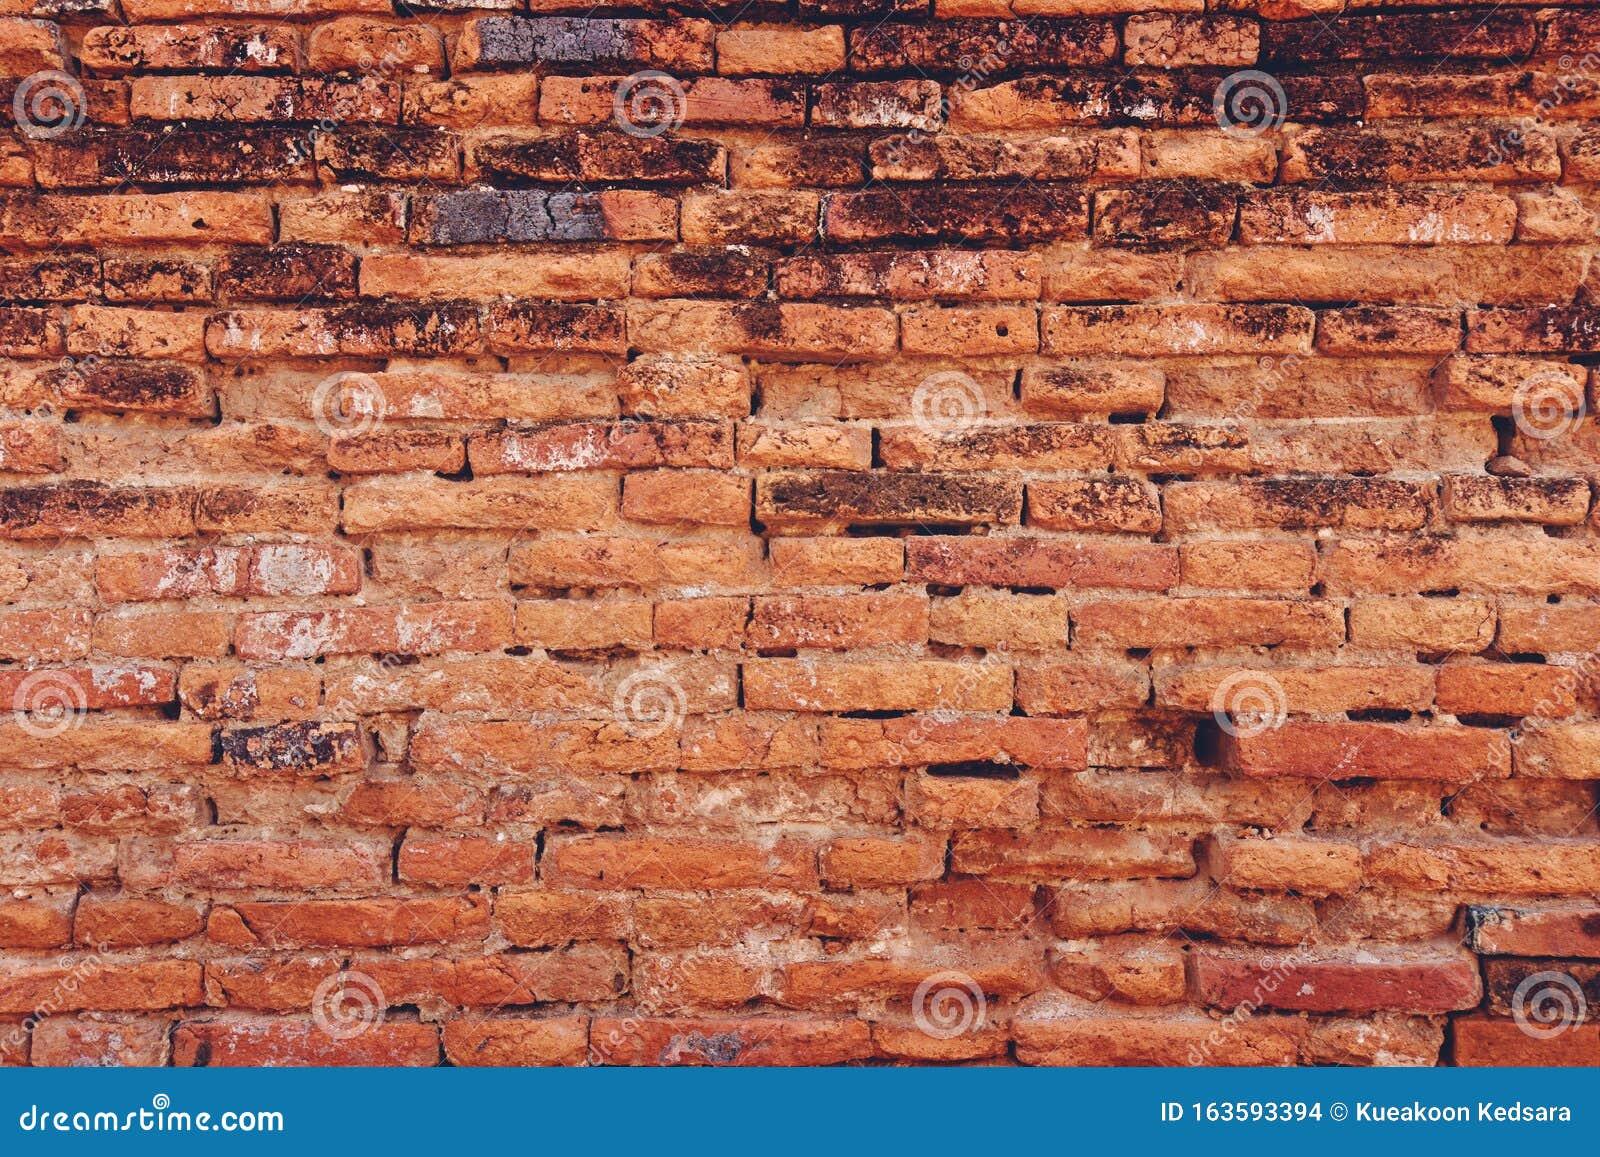 Hintergrund Der Alten Roten Ziegelsteinwand Stockfoto   Bild von alten, roten 163593394